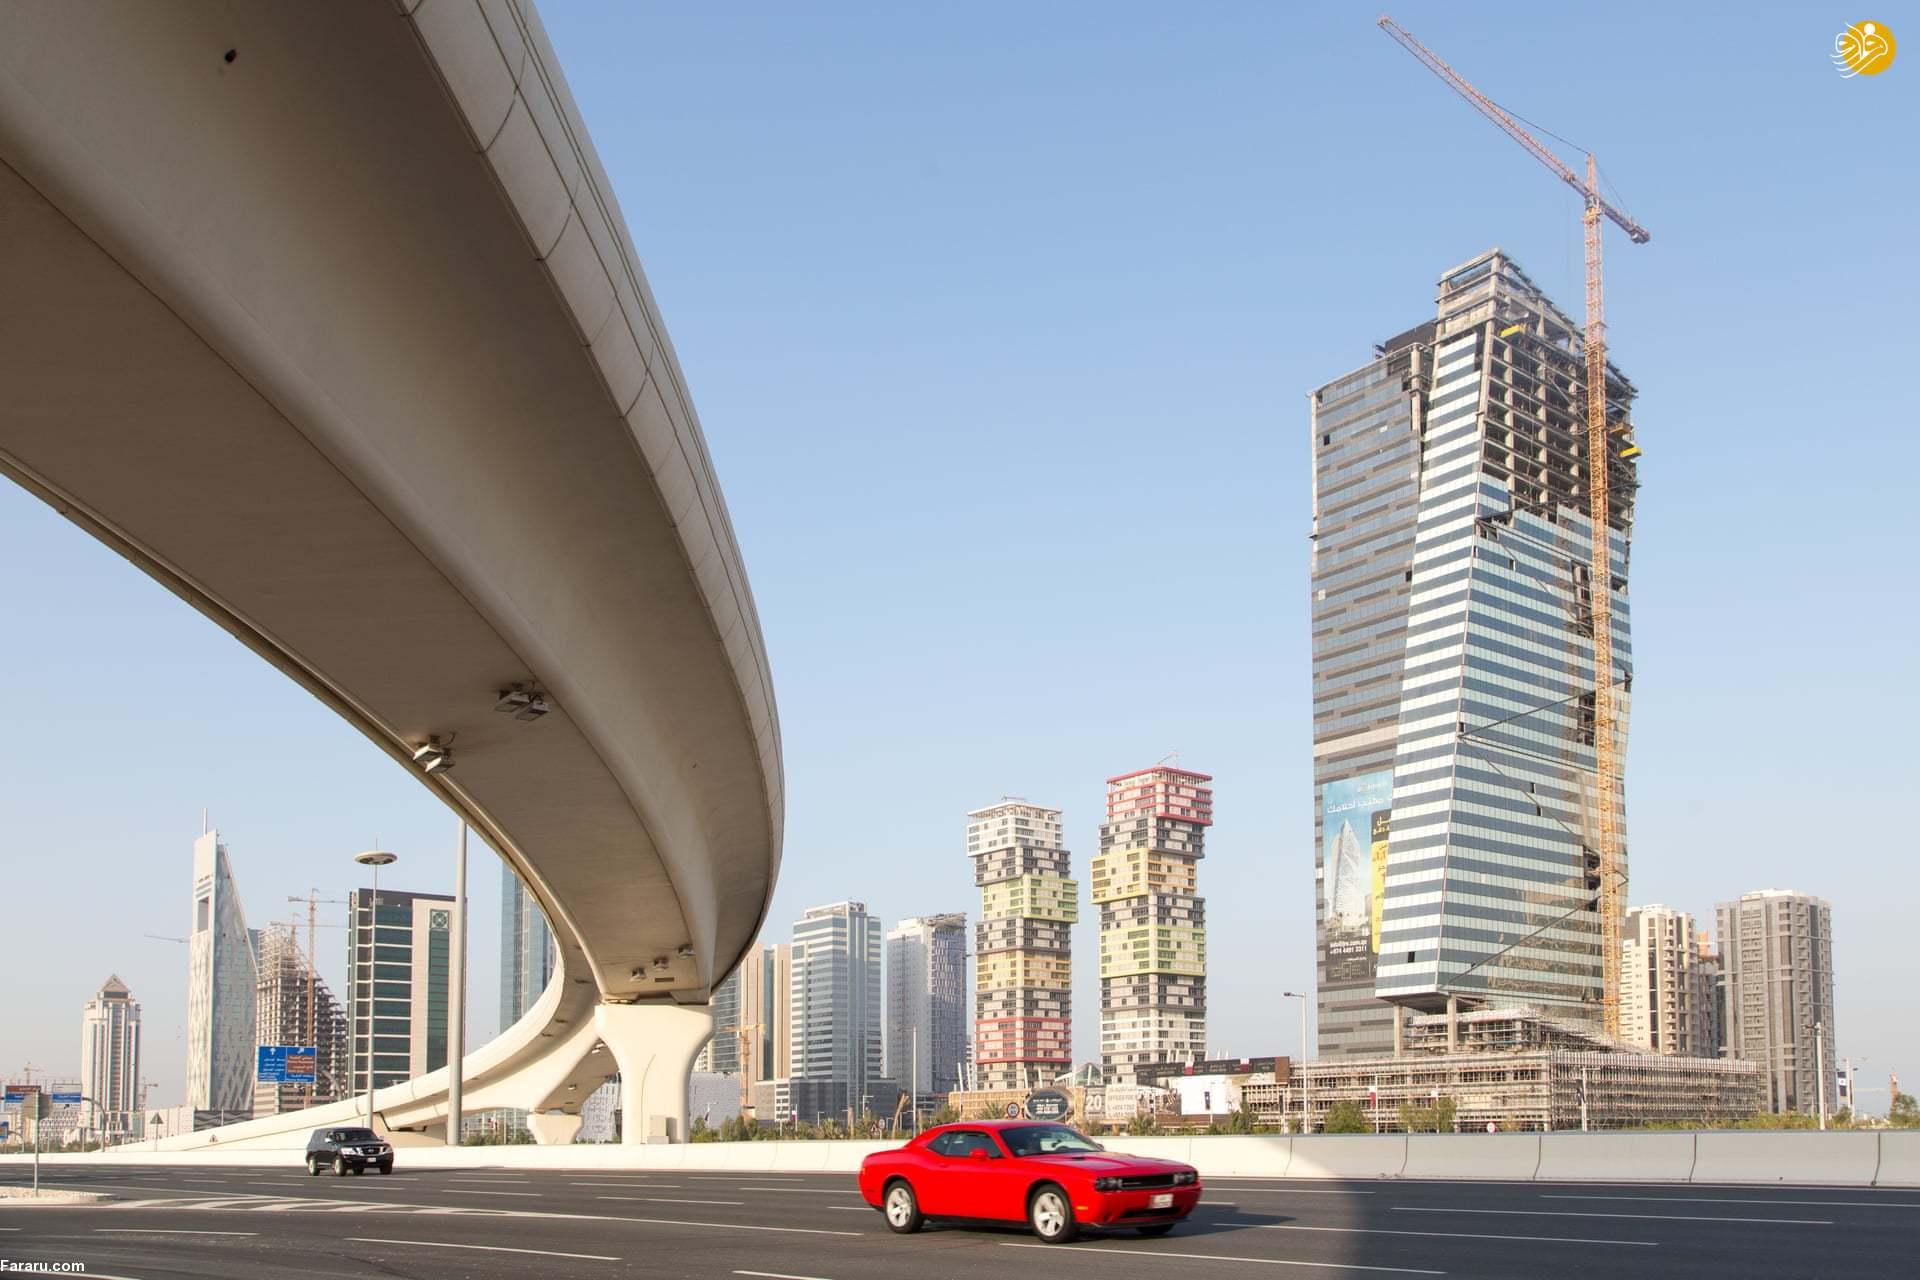 وضعیت درآمد در قطر